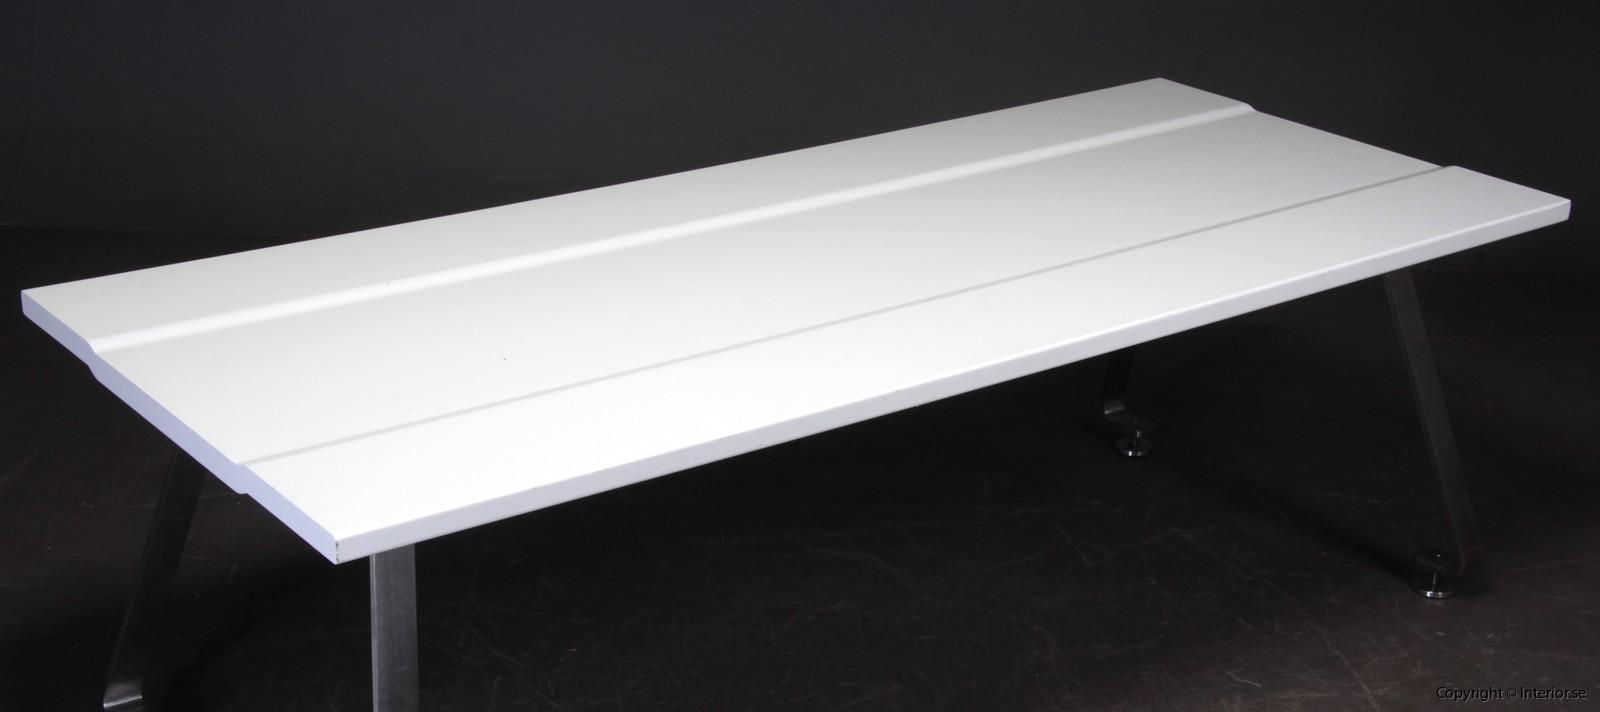 Unikt konferensbord konferenztisch table, Design by Johannes Torpe - 240 x 100 cm3